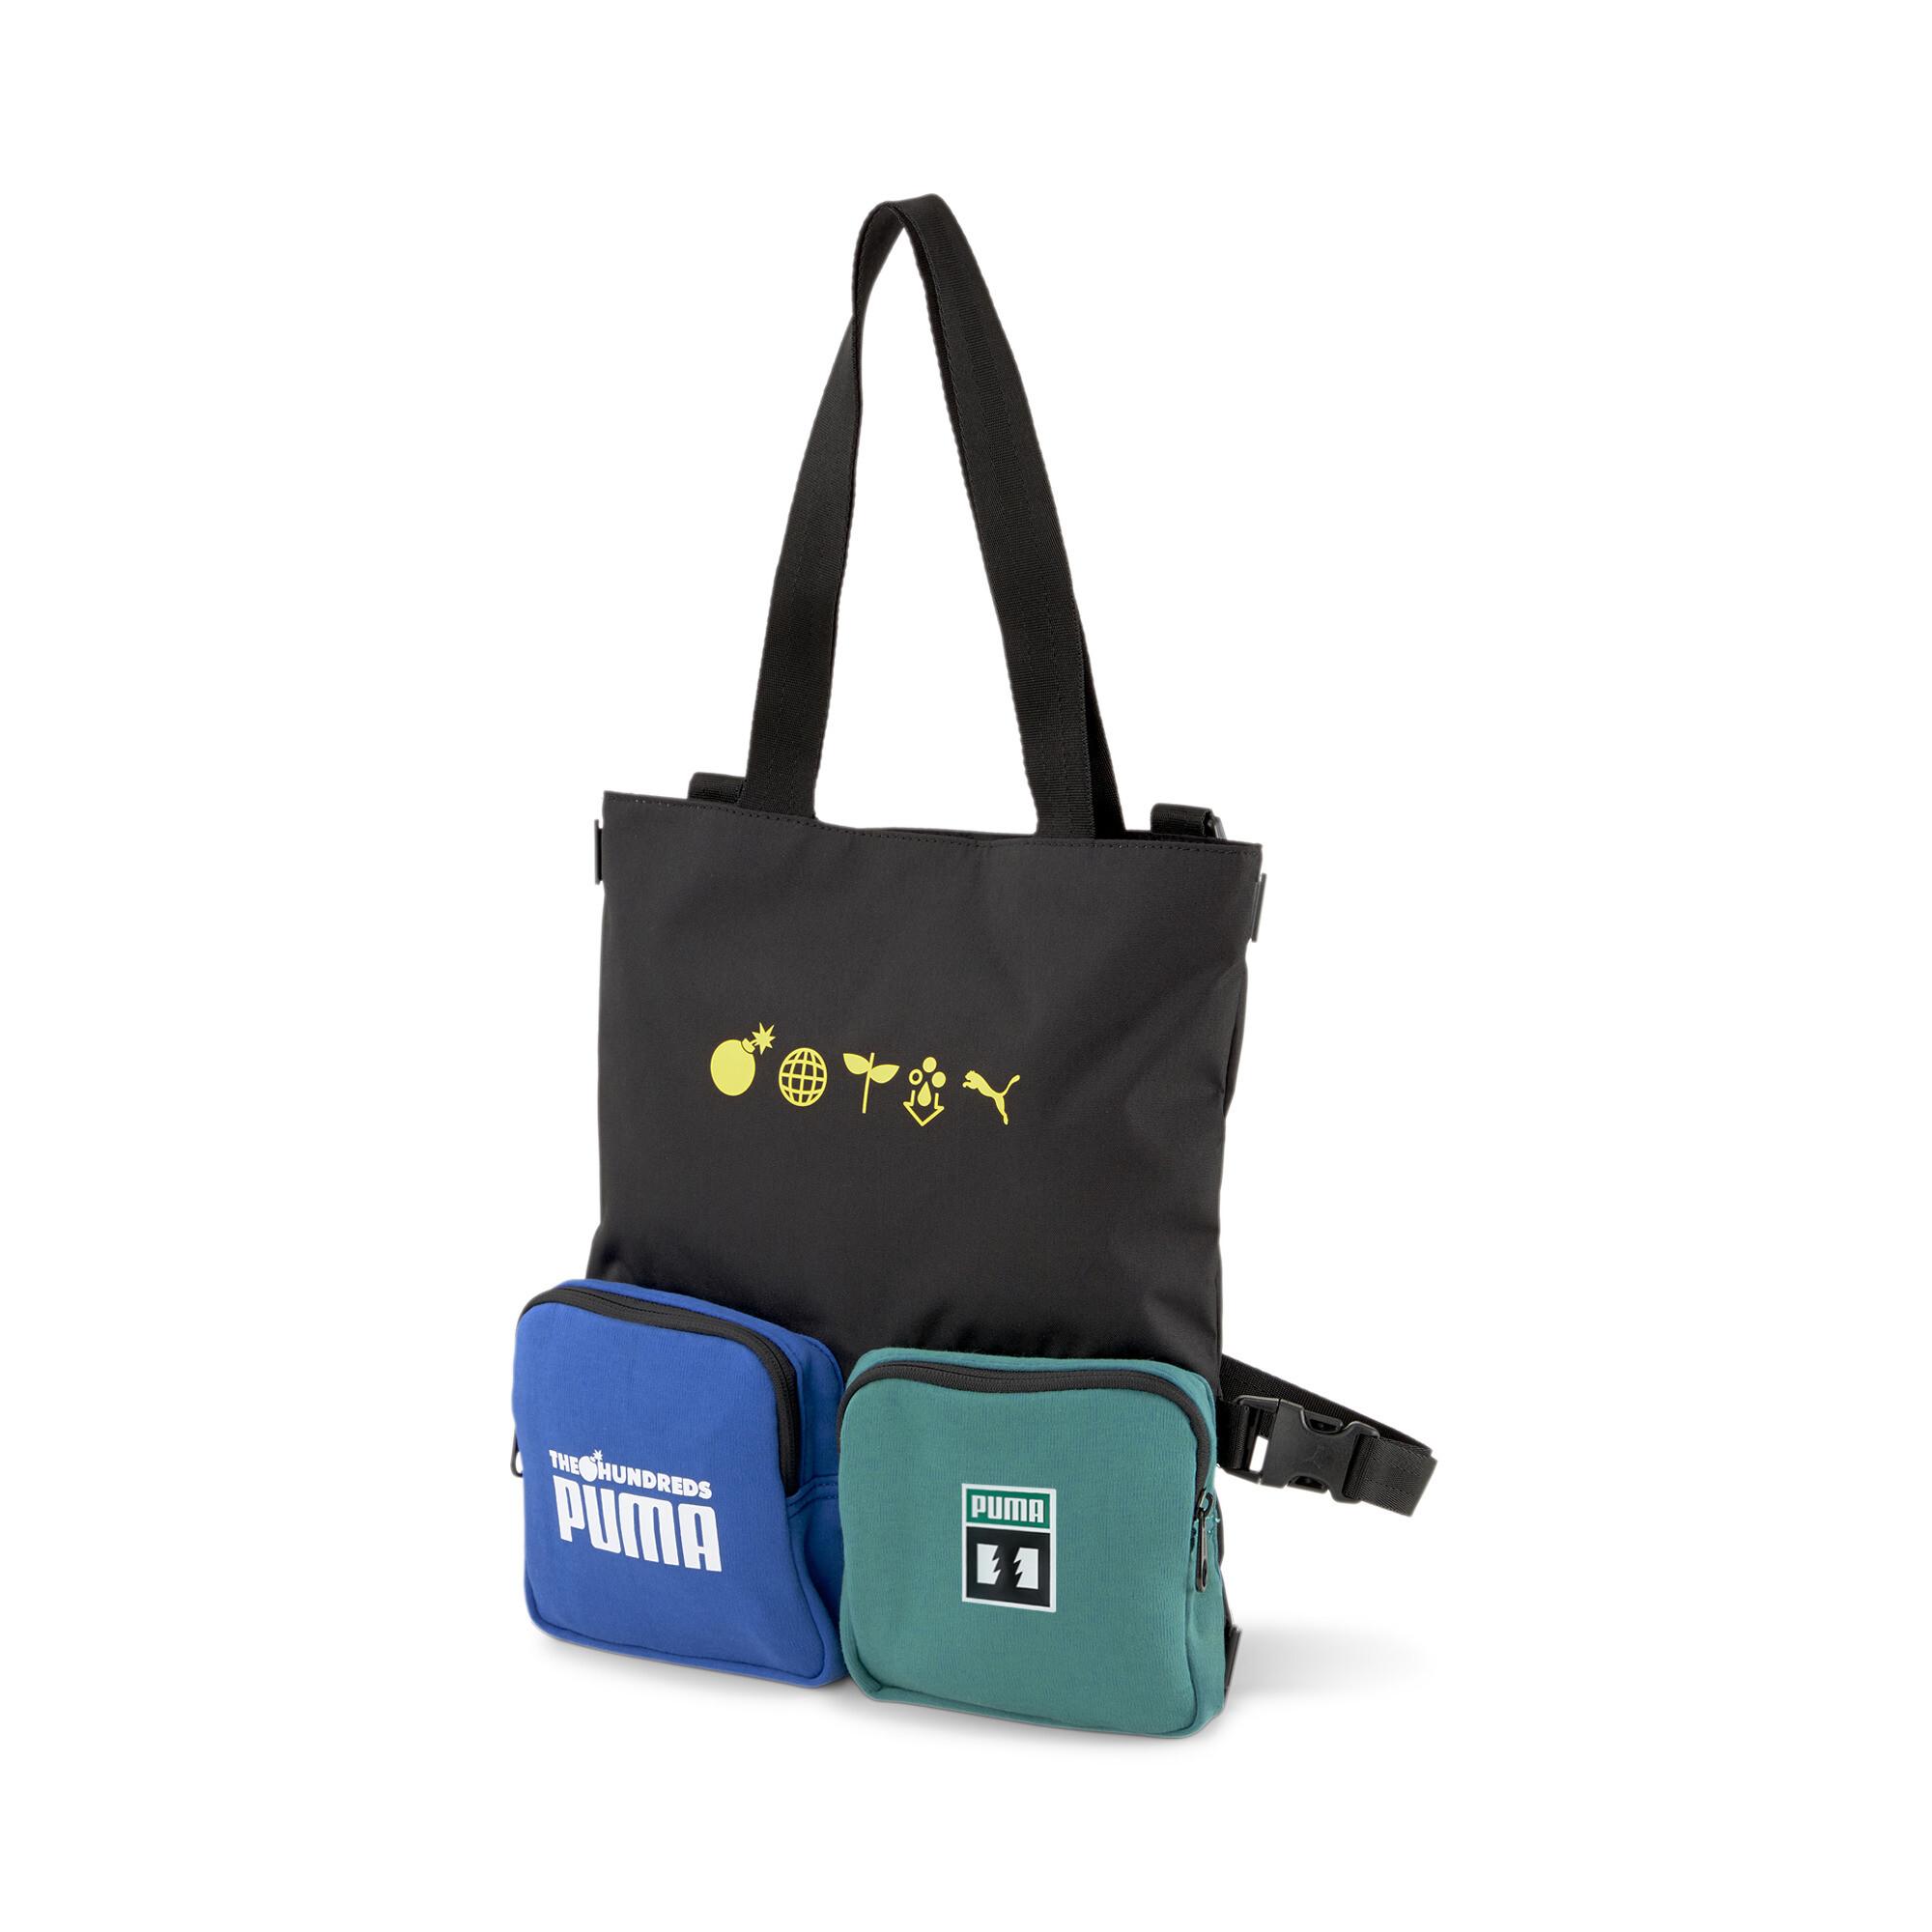 【プーマ公式通販】 プーマ PUMA x THE HUNDREDS コンバーティブル ショルダー バッグ 9L ユニセックス Puma Black |PUMA.com